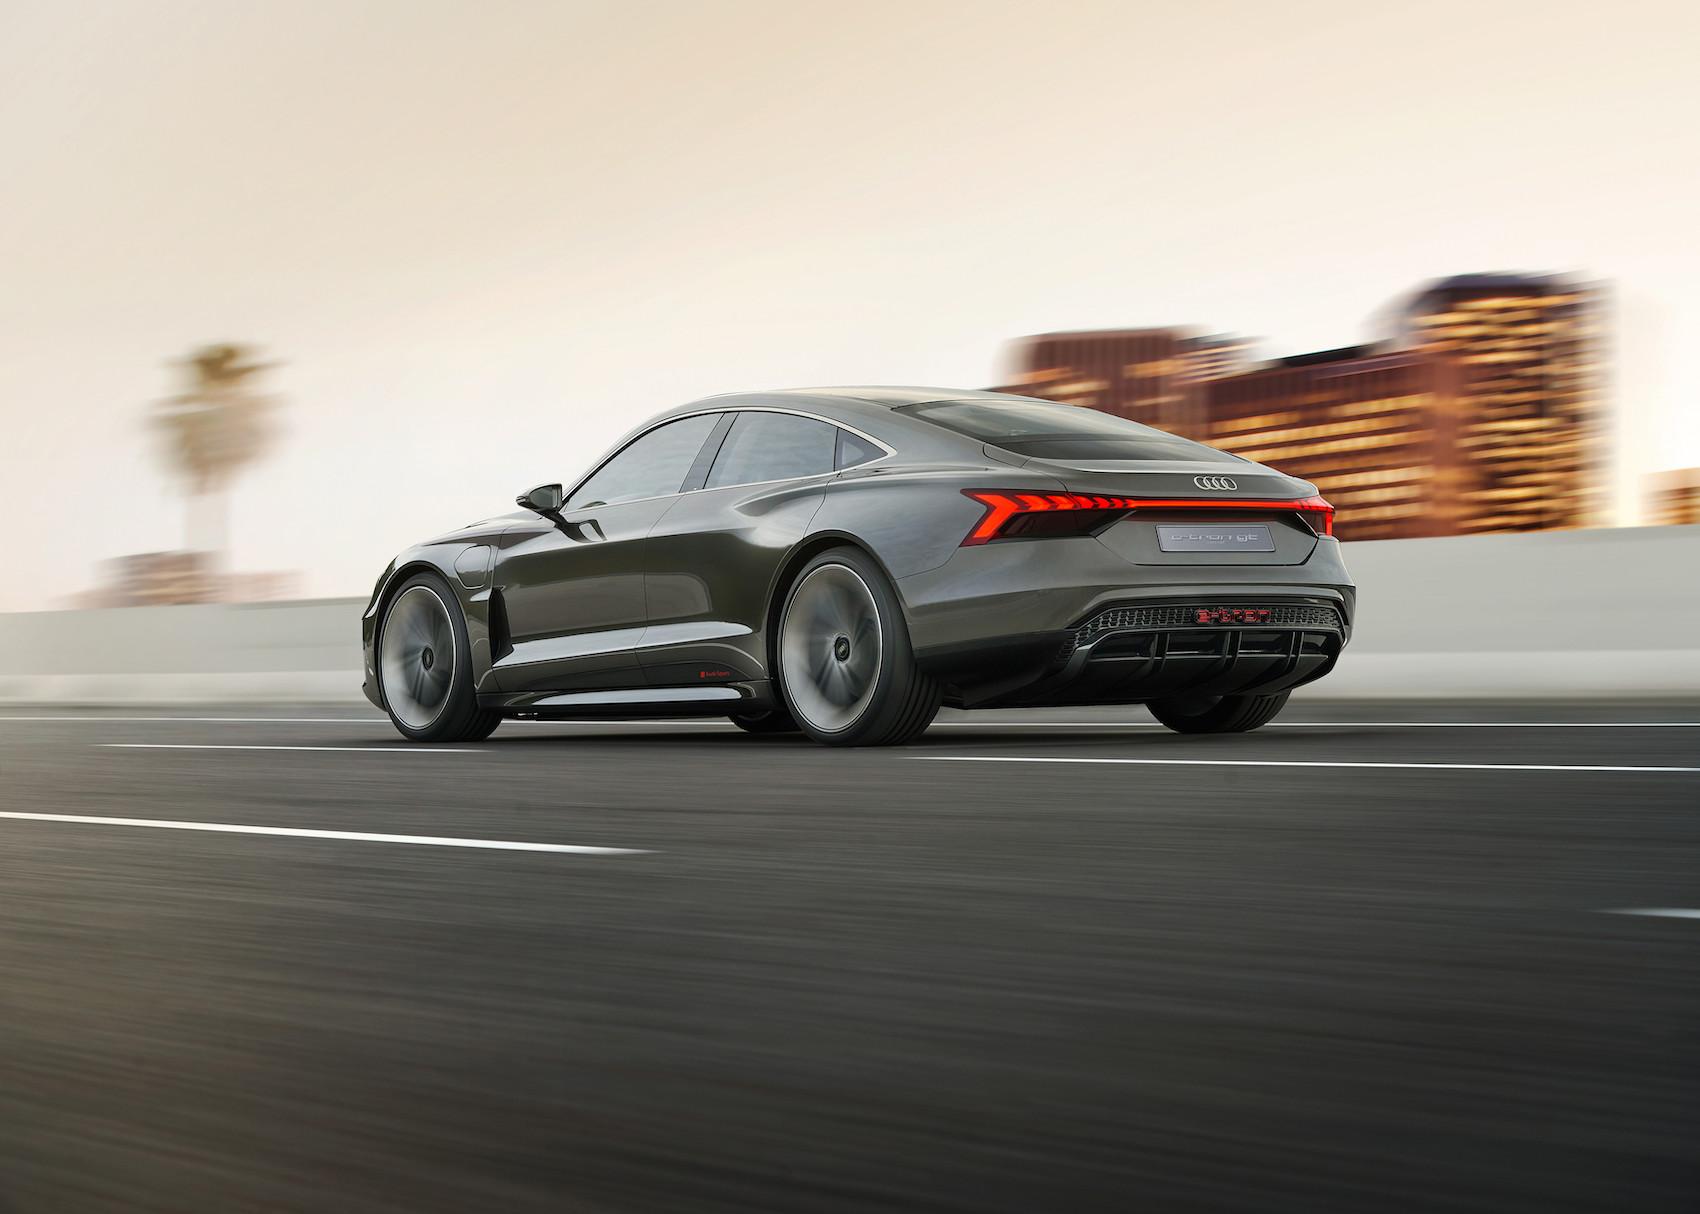 Le centre de gravité de l'e-tron GT concept d'Audi est comparable à celui du modèle R8. (AUDI)